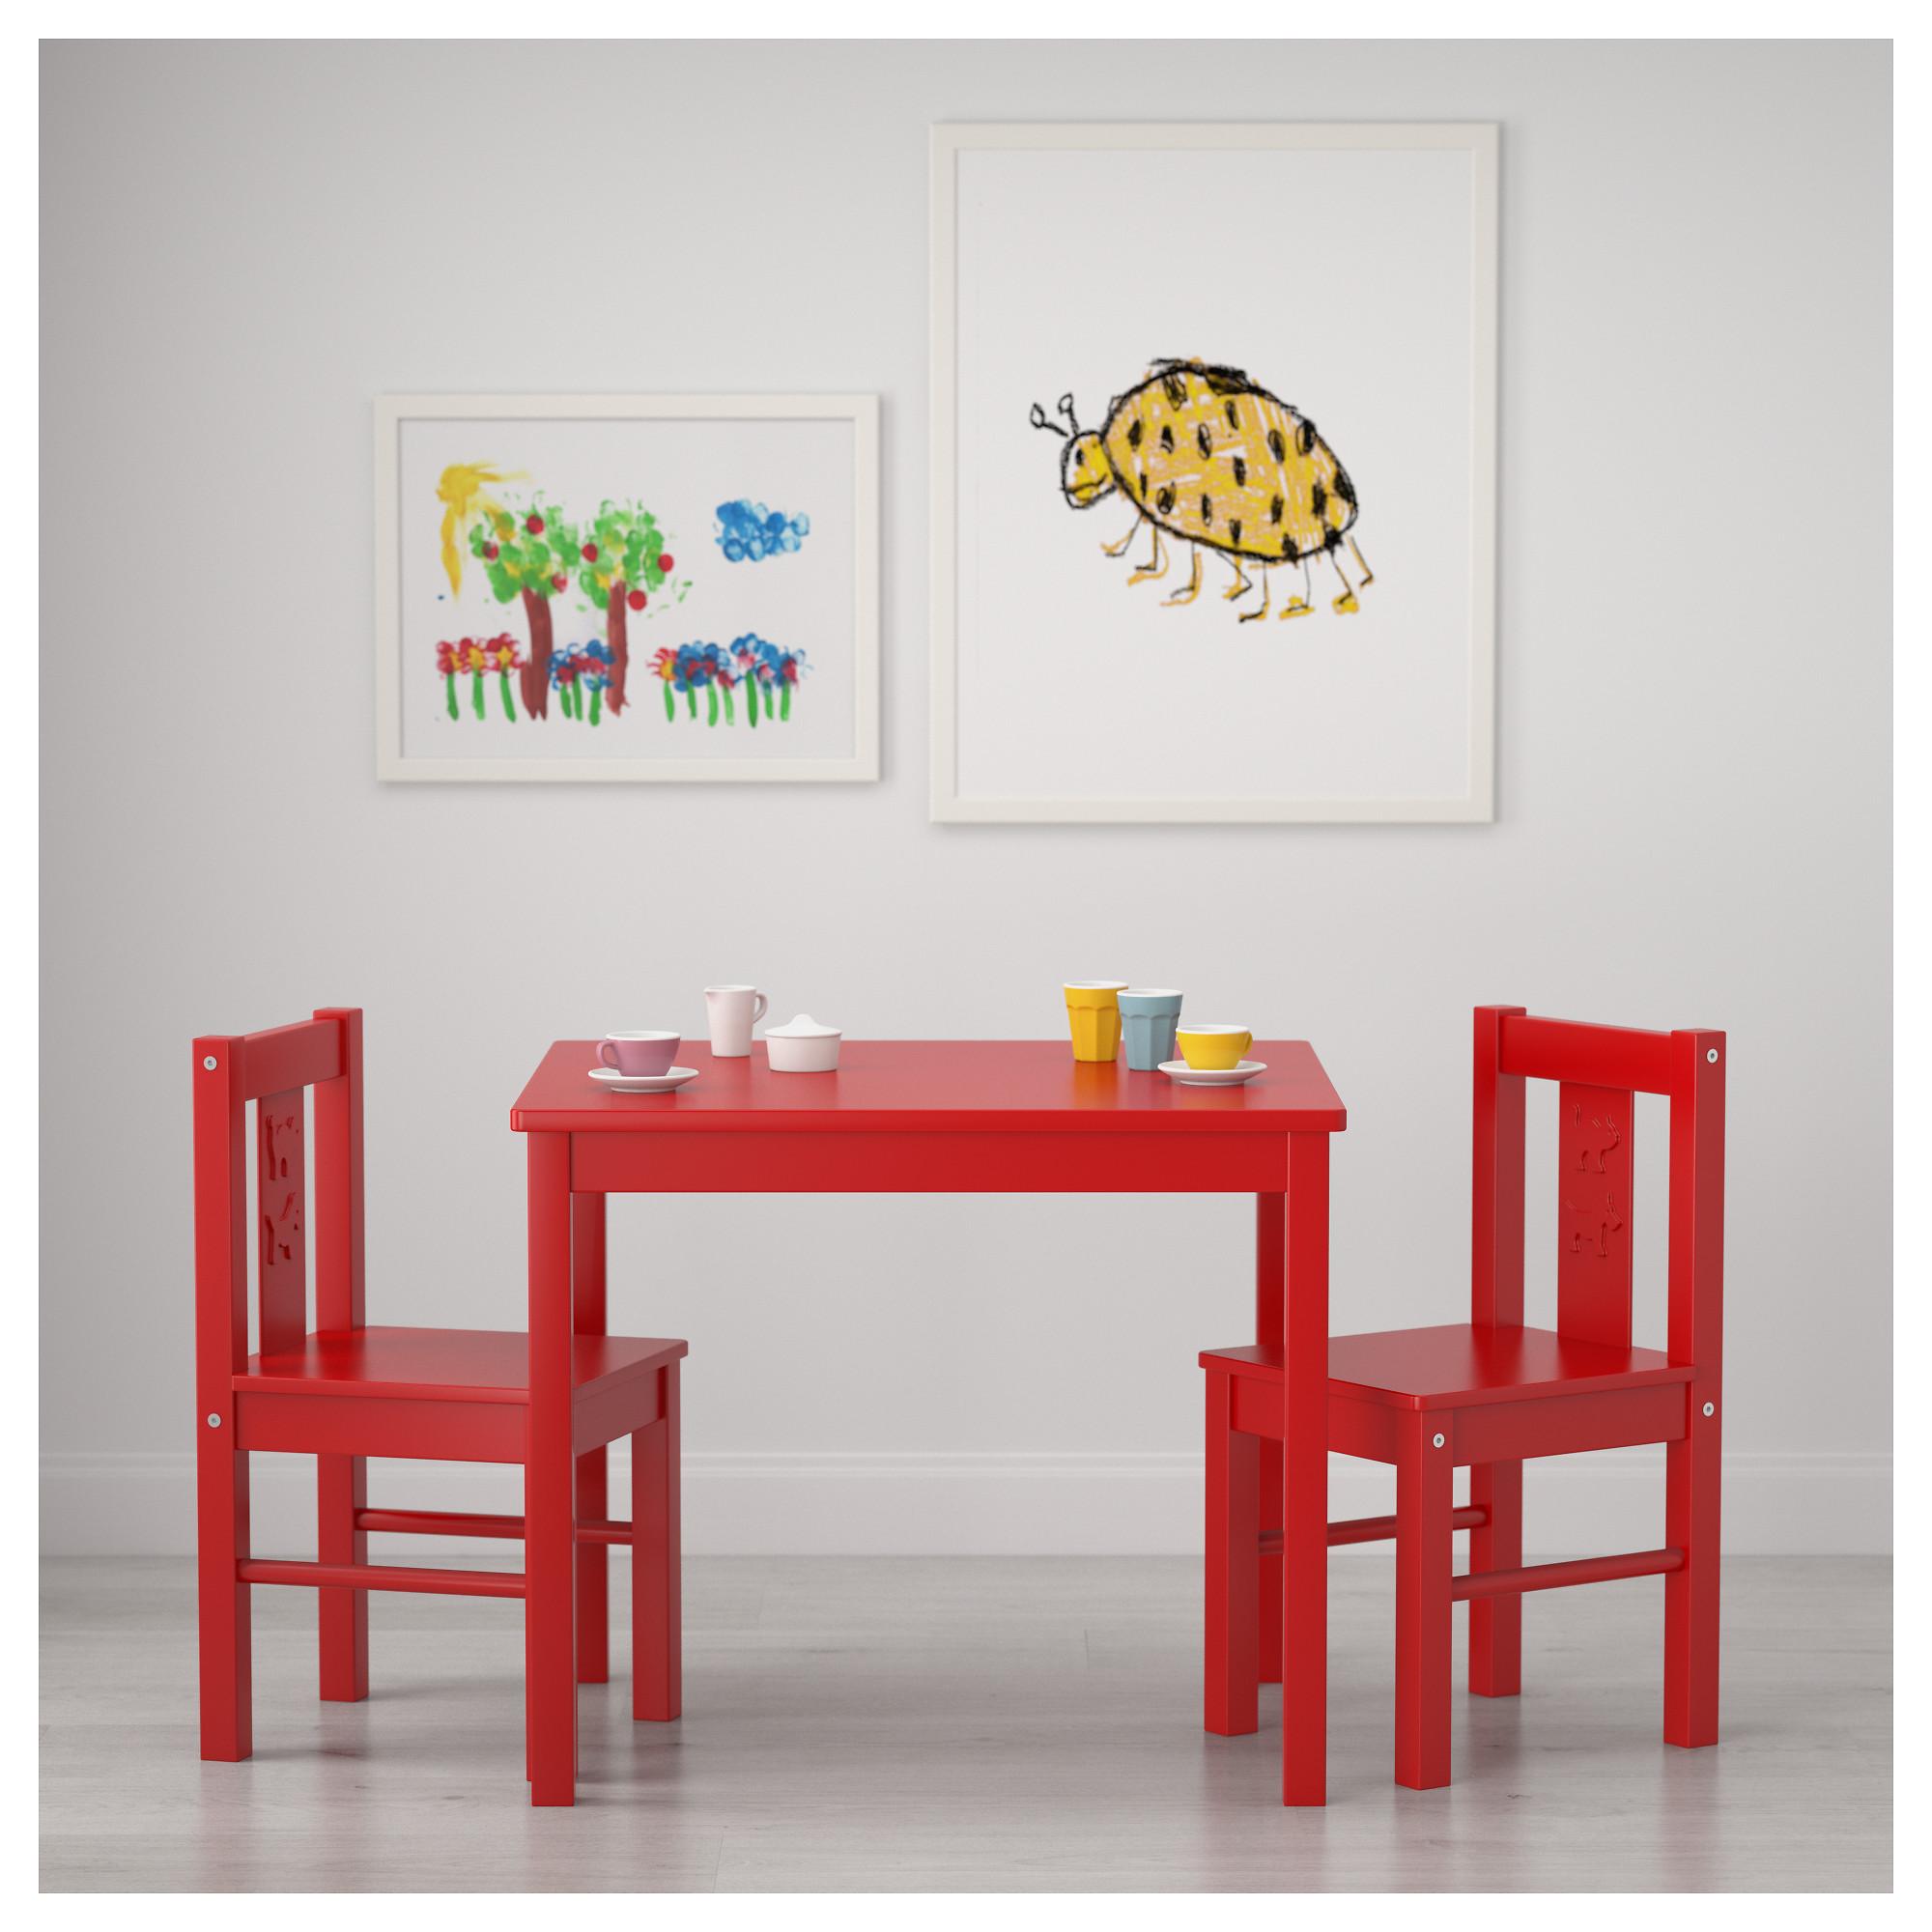 купить детский стул криттер красный в Ikea минск стоимость фото